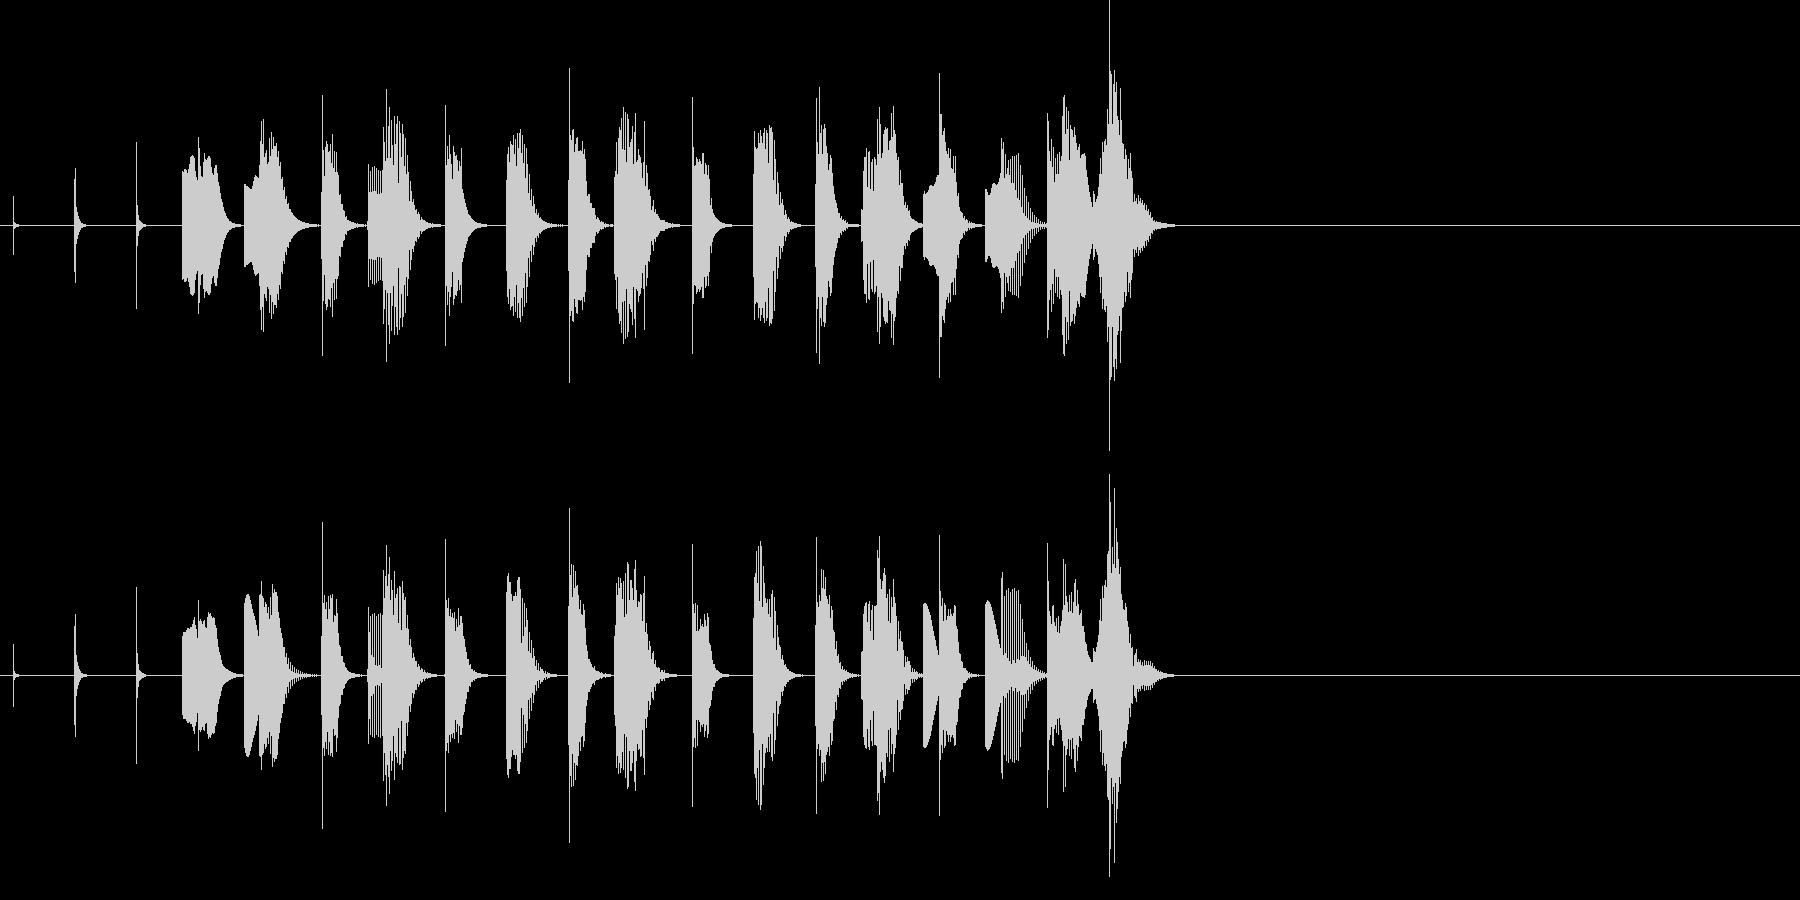 休憩 ほのぼの 動物 子供 場面転換の未再生の波形